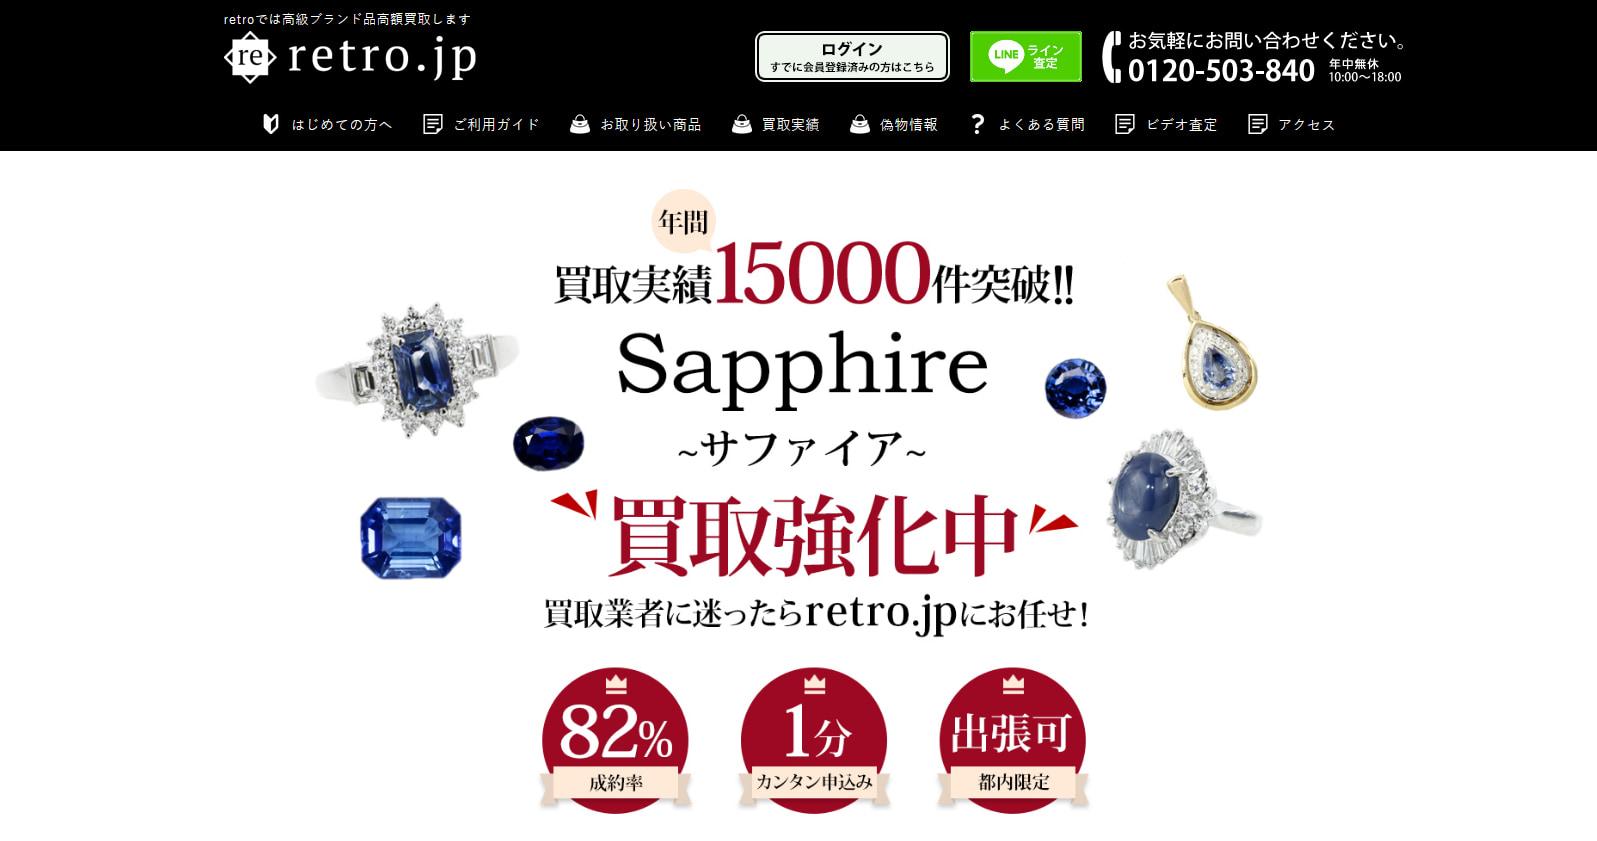 サファイア買取おすすめ業者retro.jp